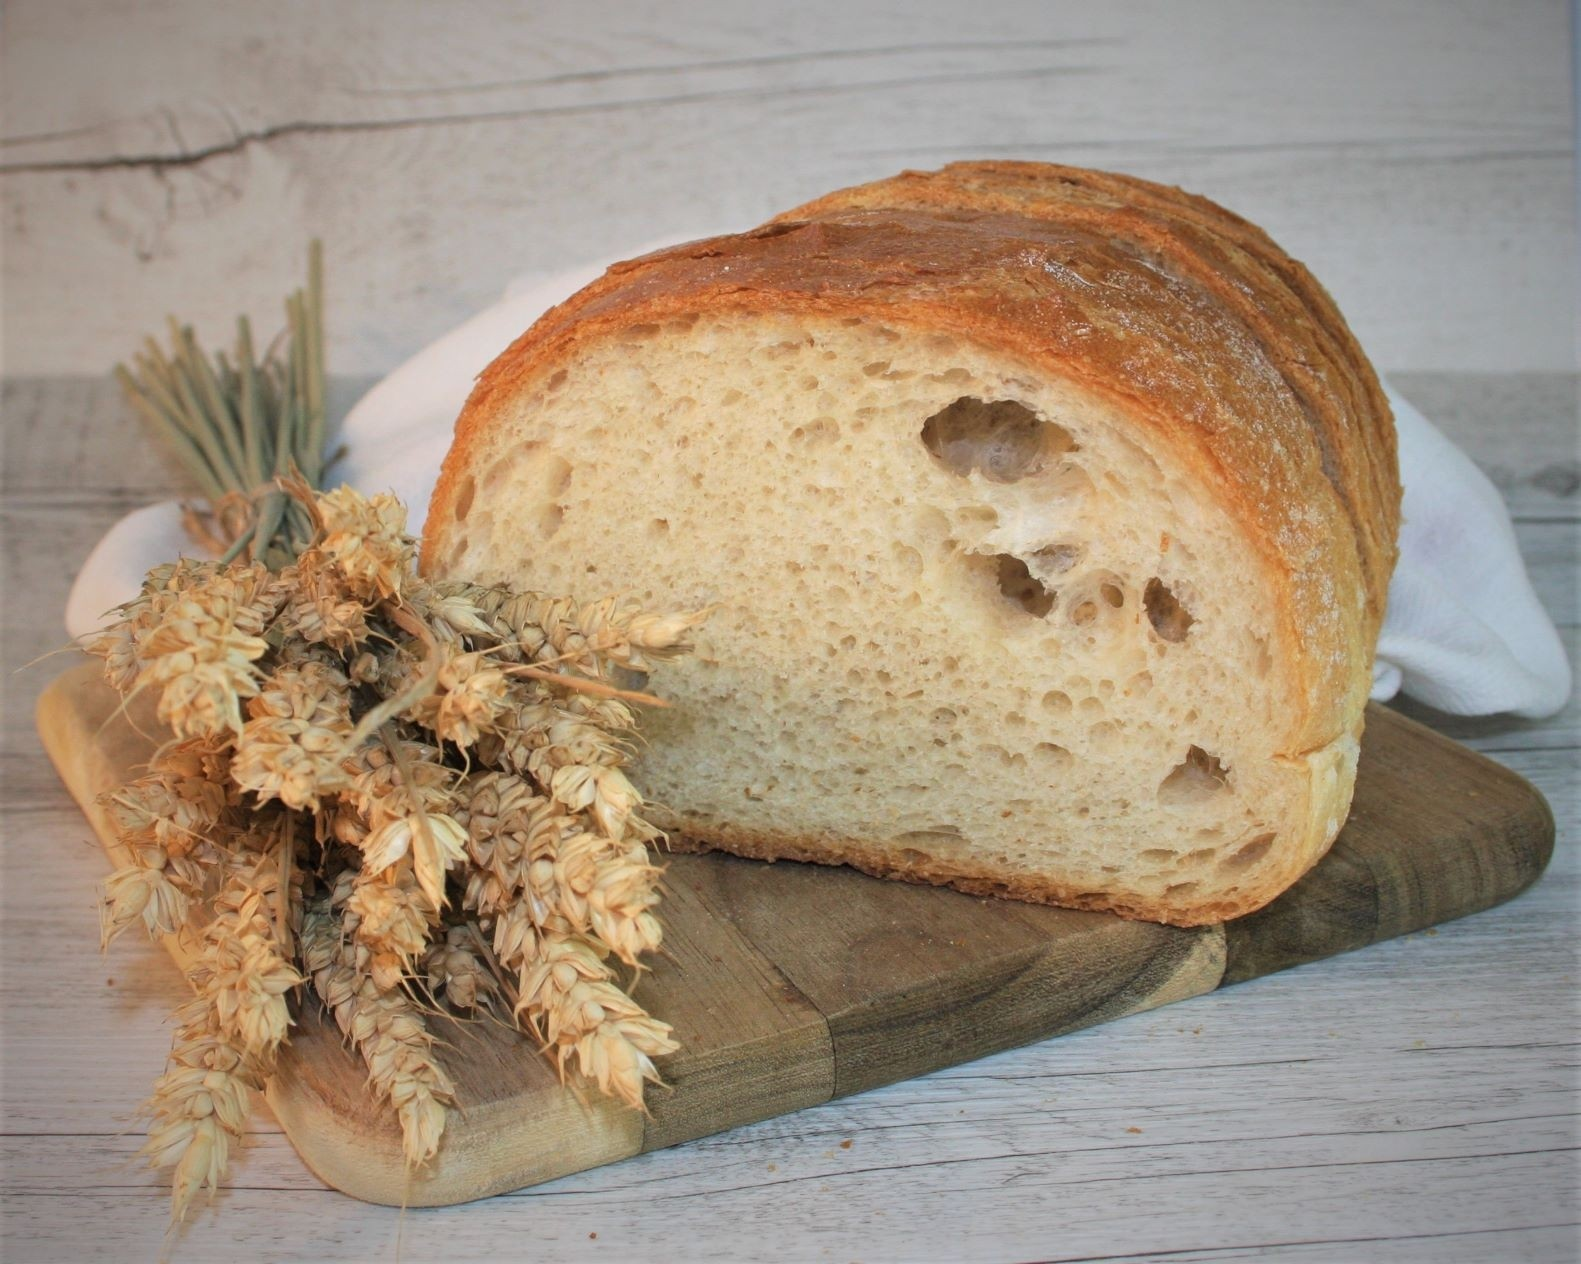 Chlieb biely - krájaný